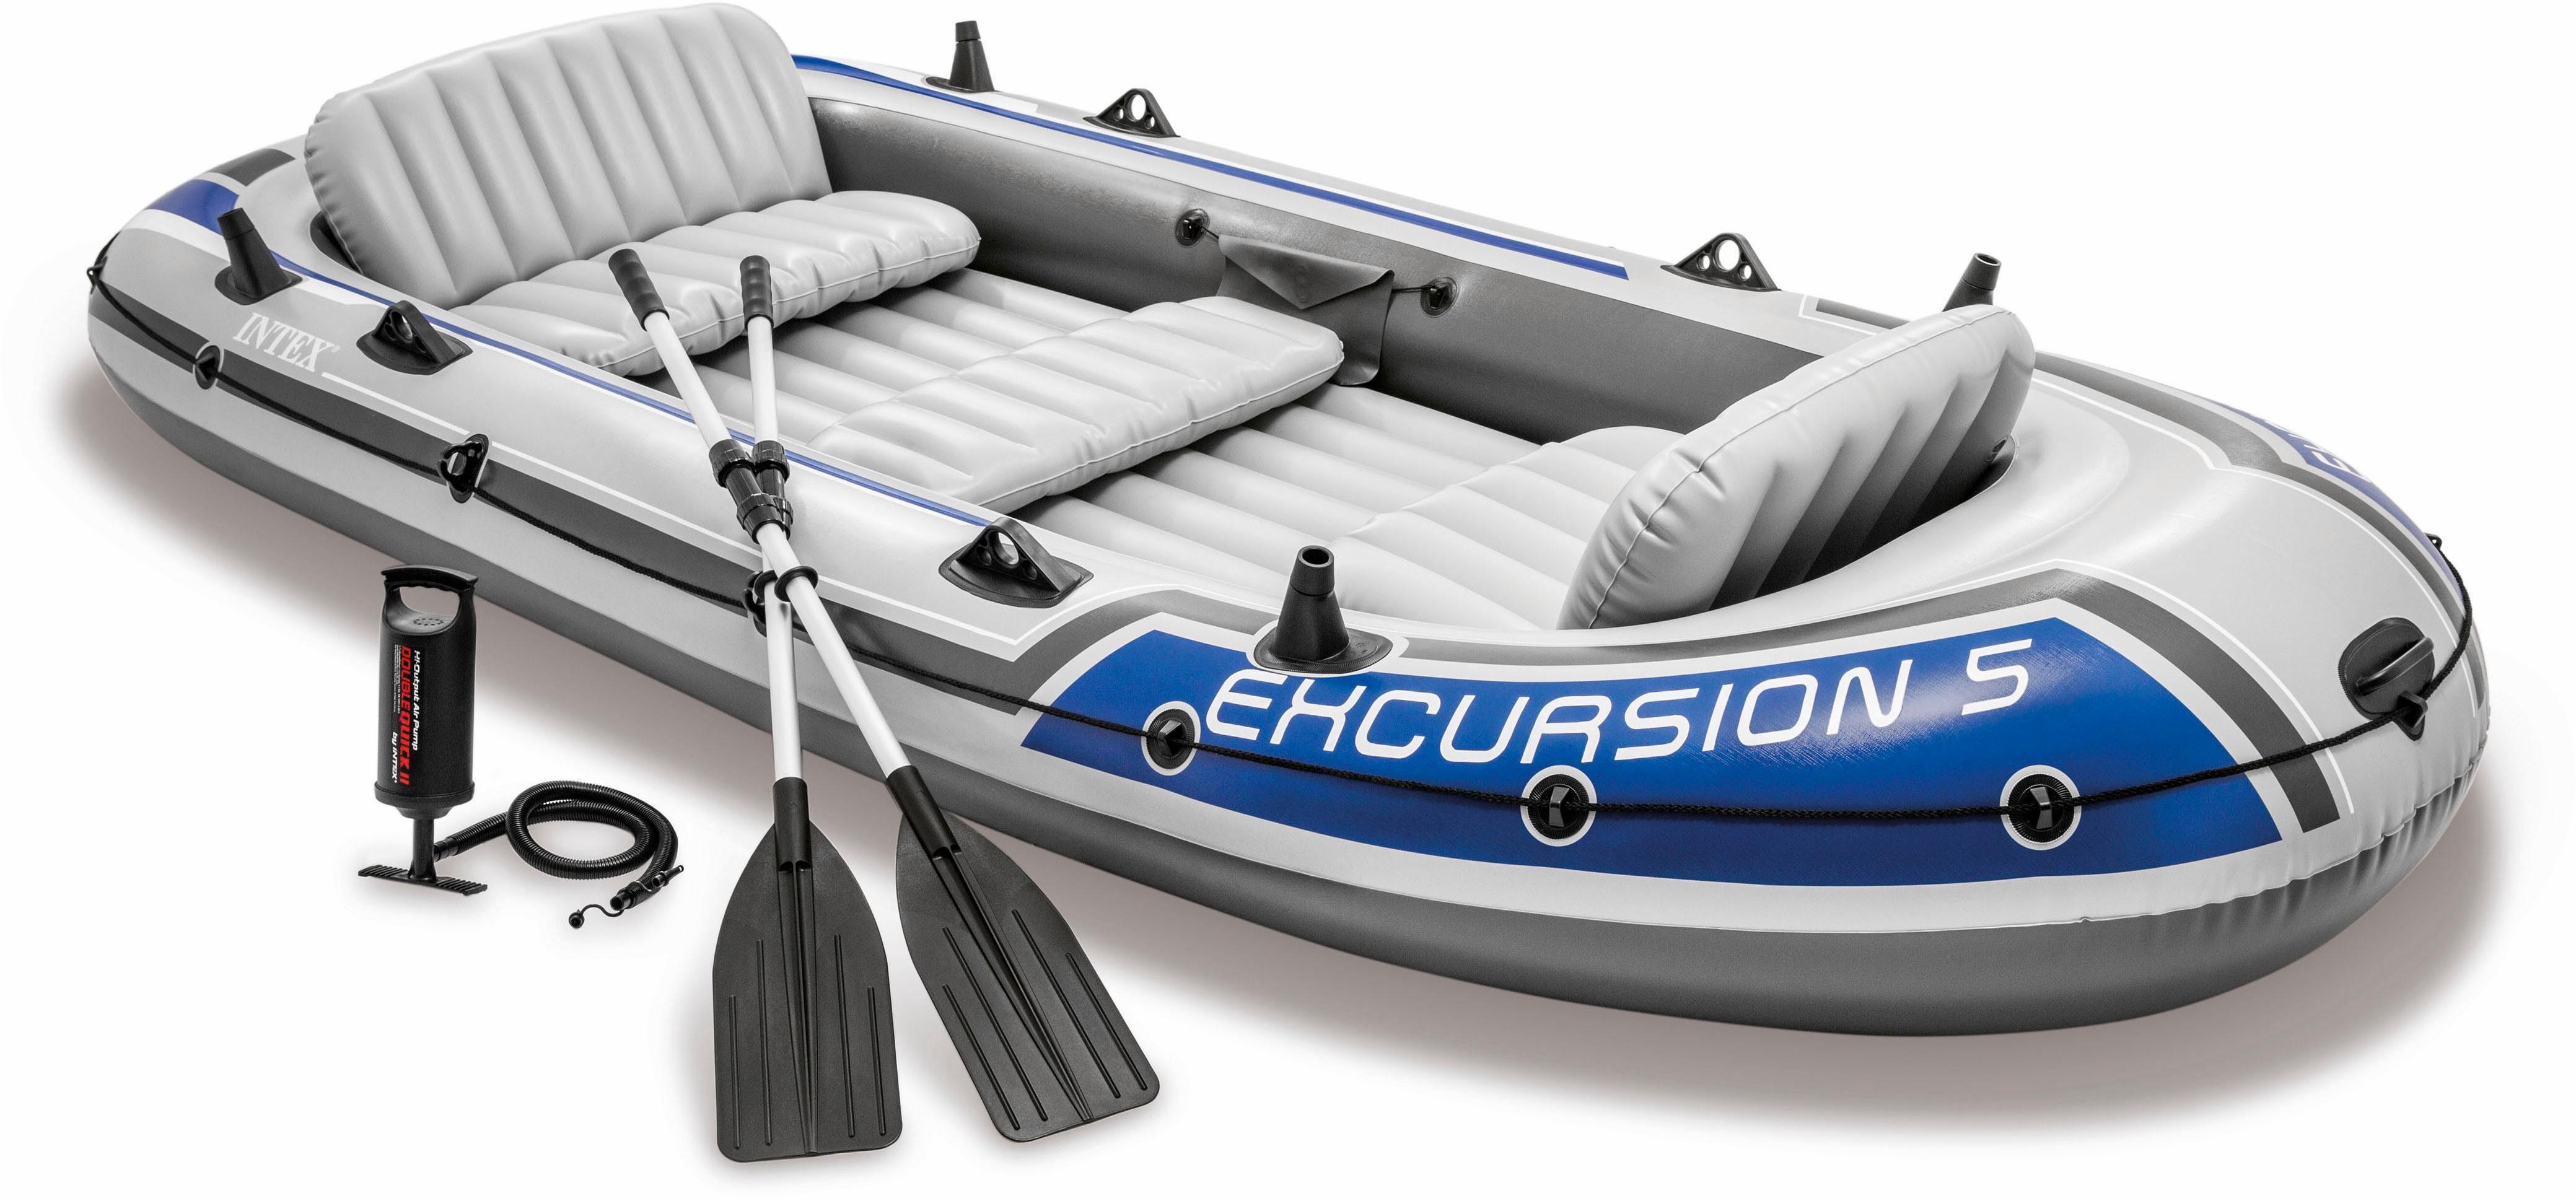 Sportboot-Set, mit 2 Paddeln und Luftpumpe, »Boot-Set Excursion 5«, Intex